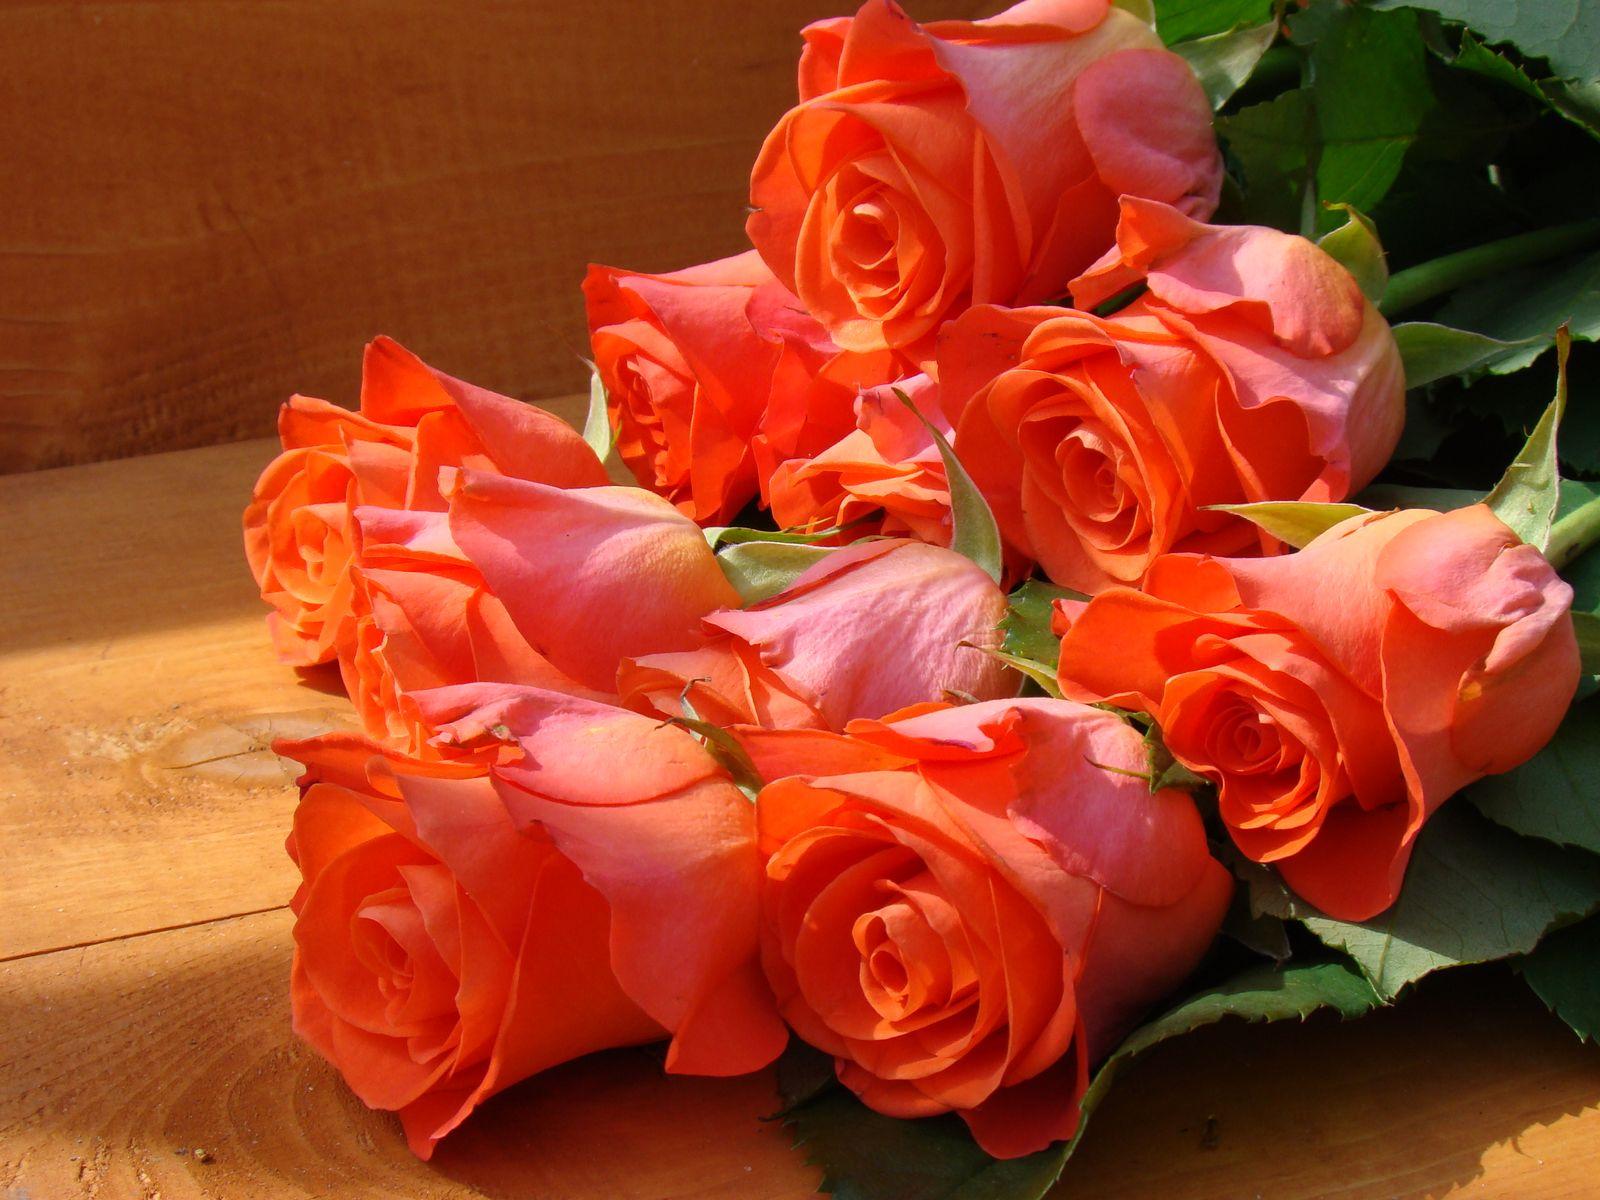 картинки розы для милой действие невозможно будет